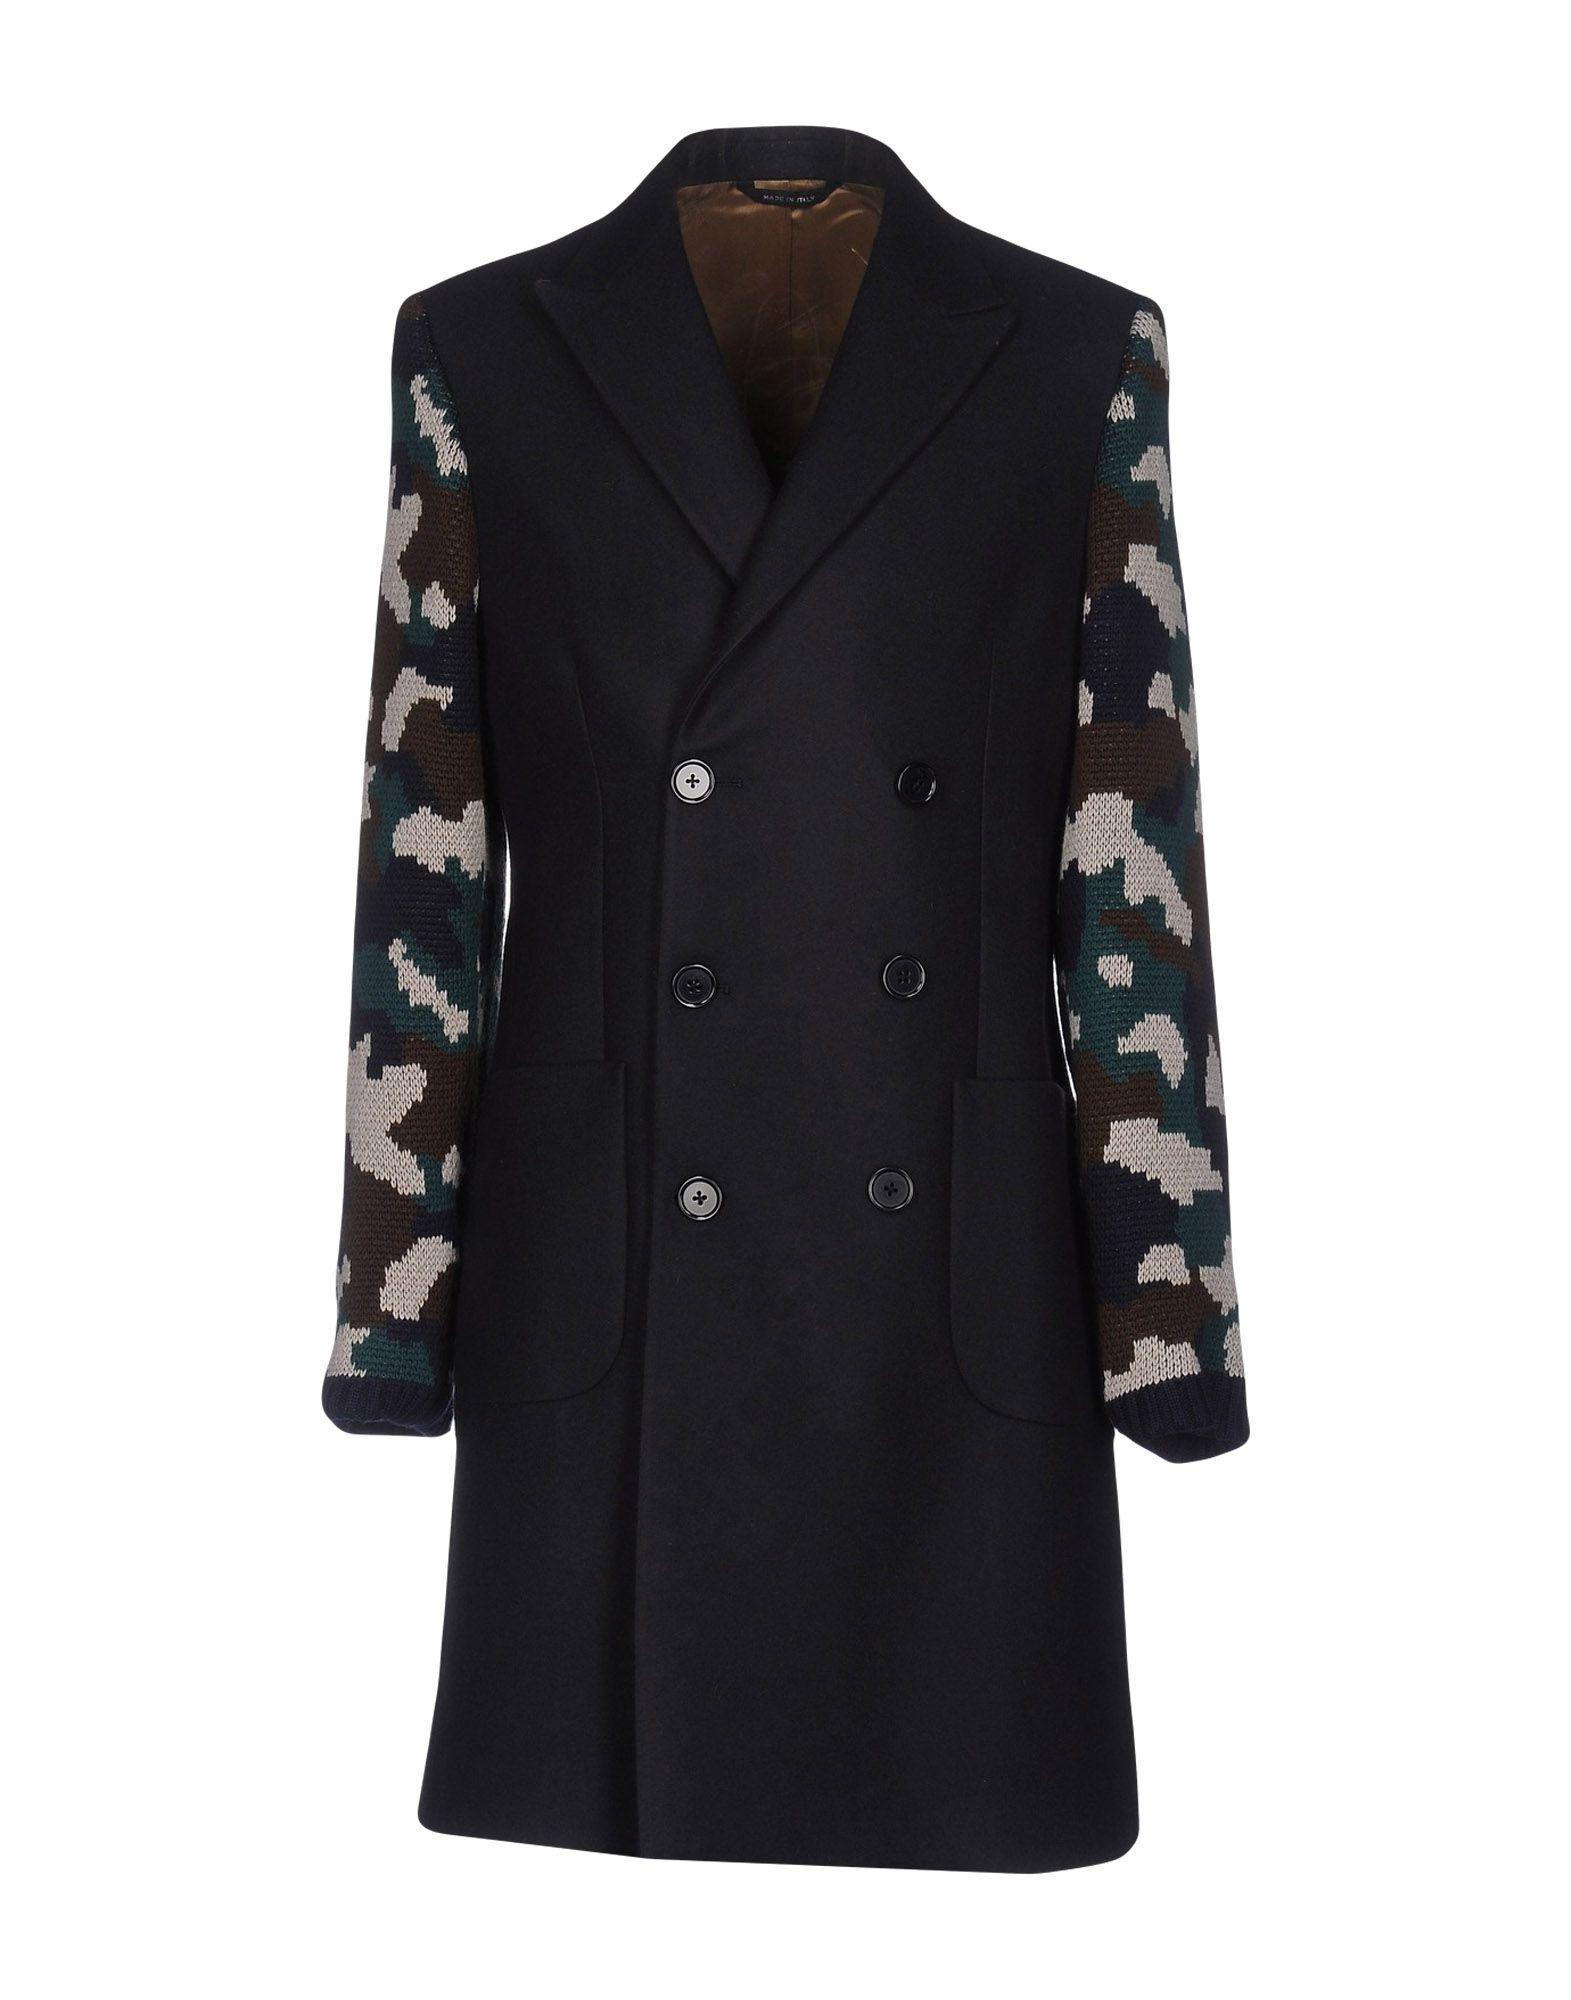 Lc23 Coat In Dark Blue